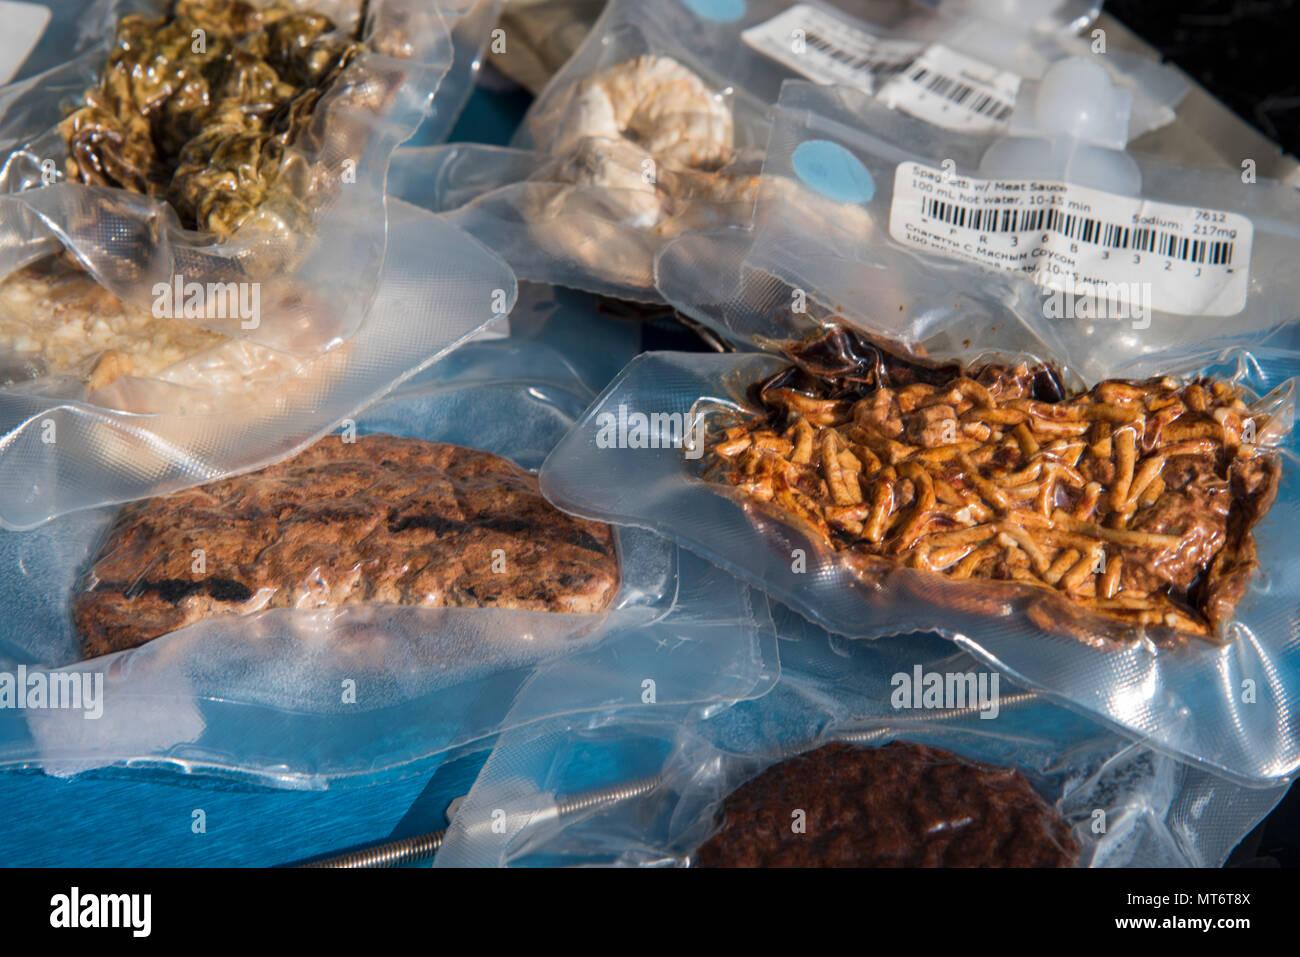 nasa food packaging - 1000×668